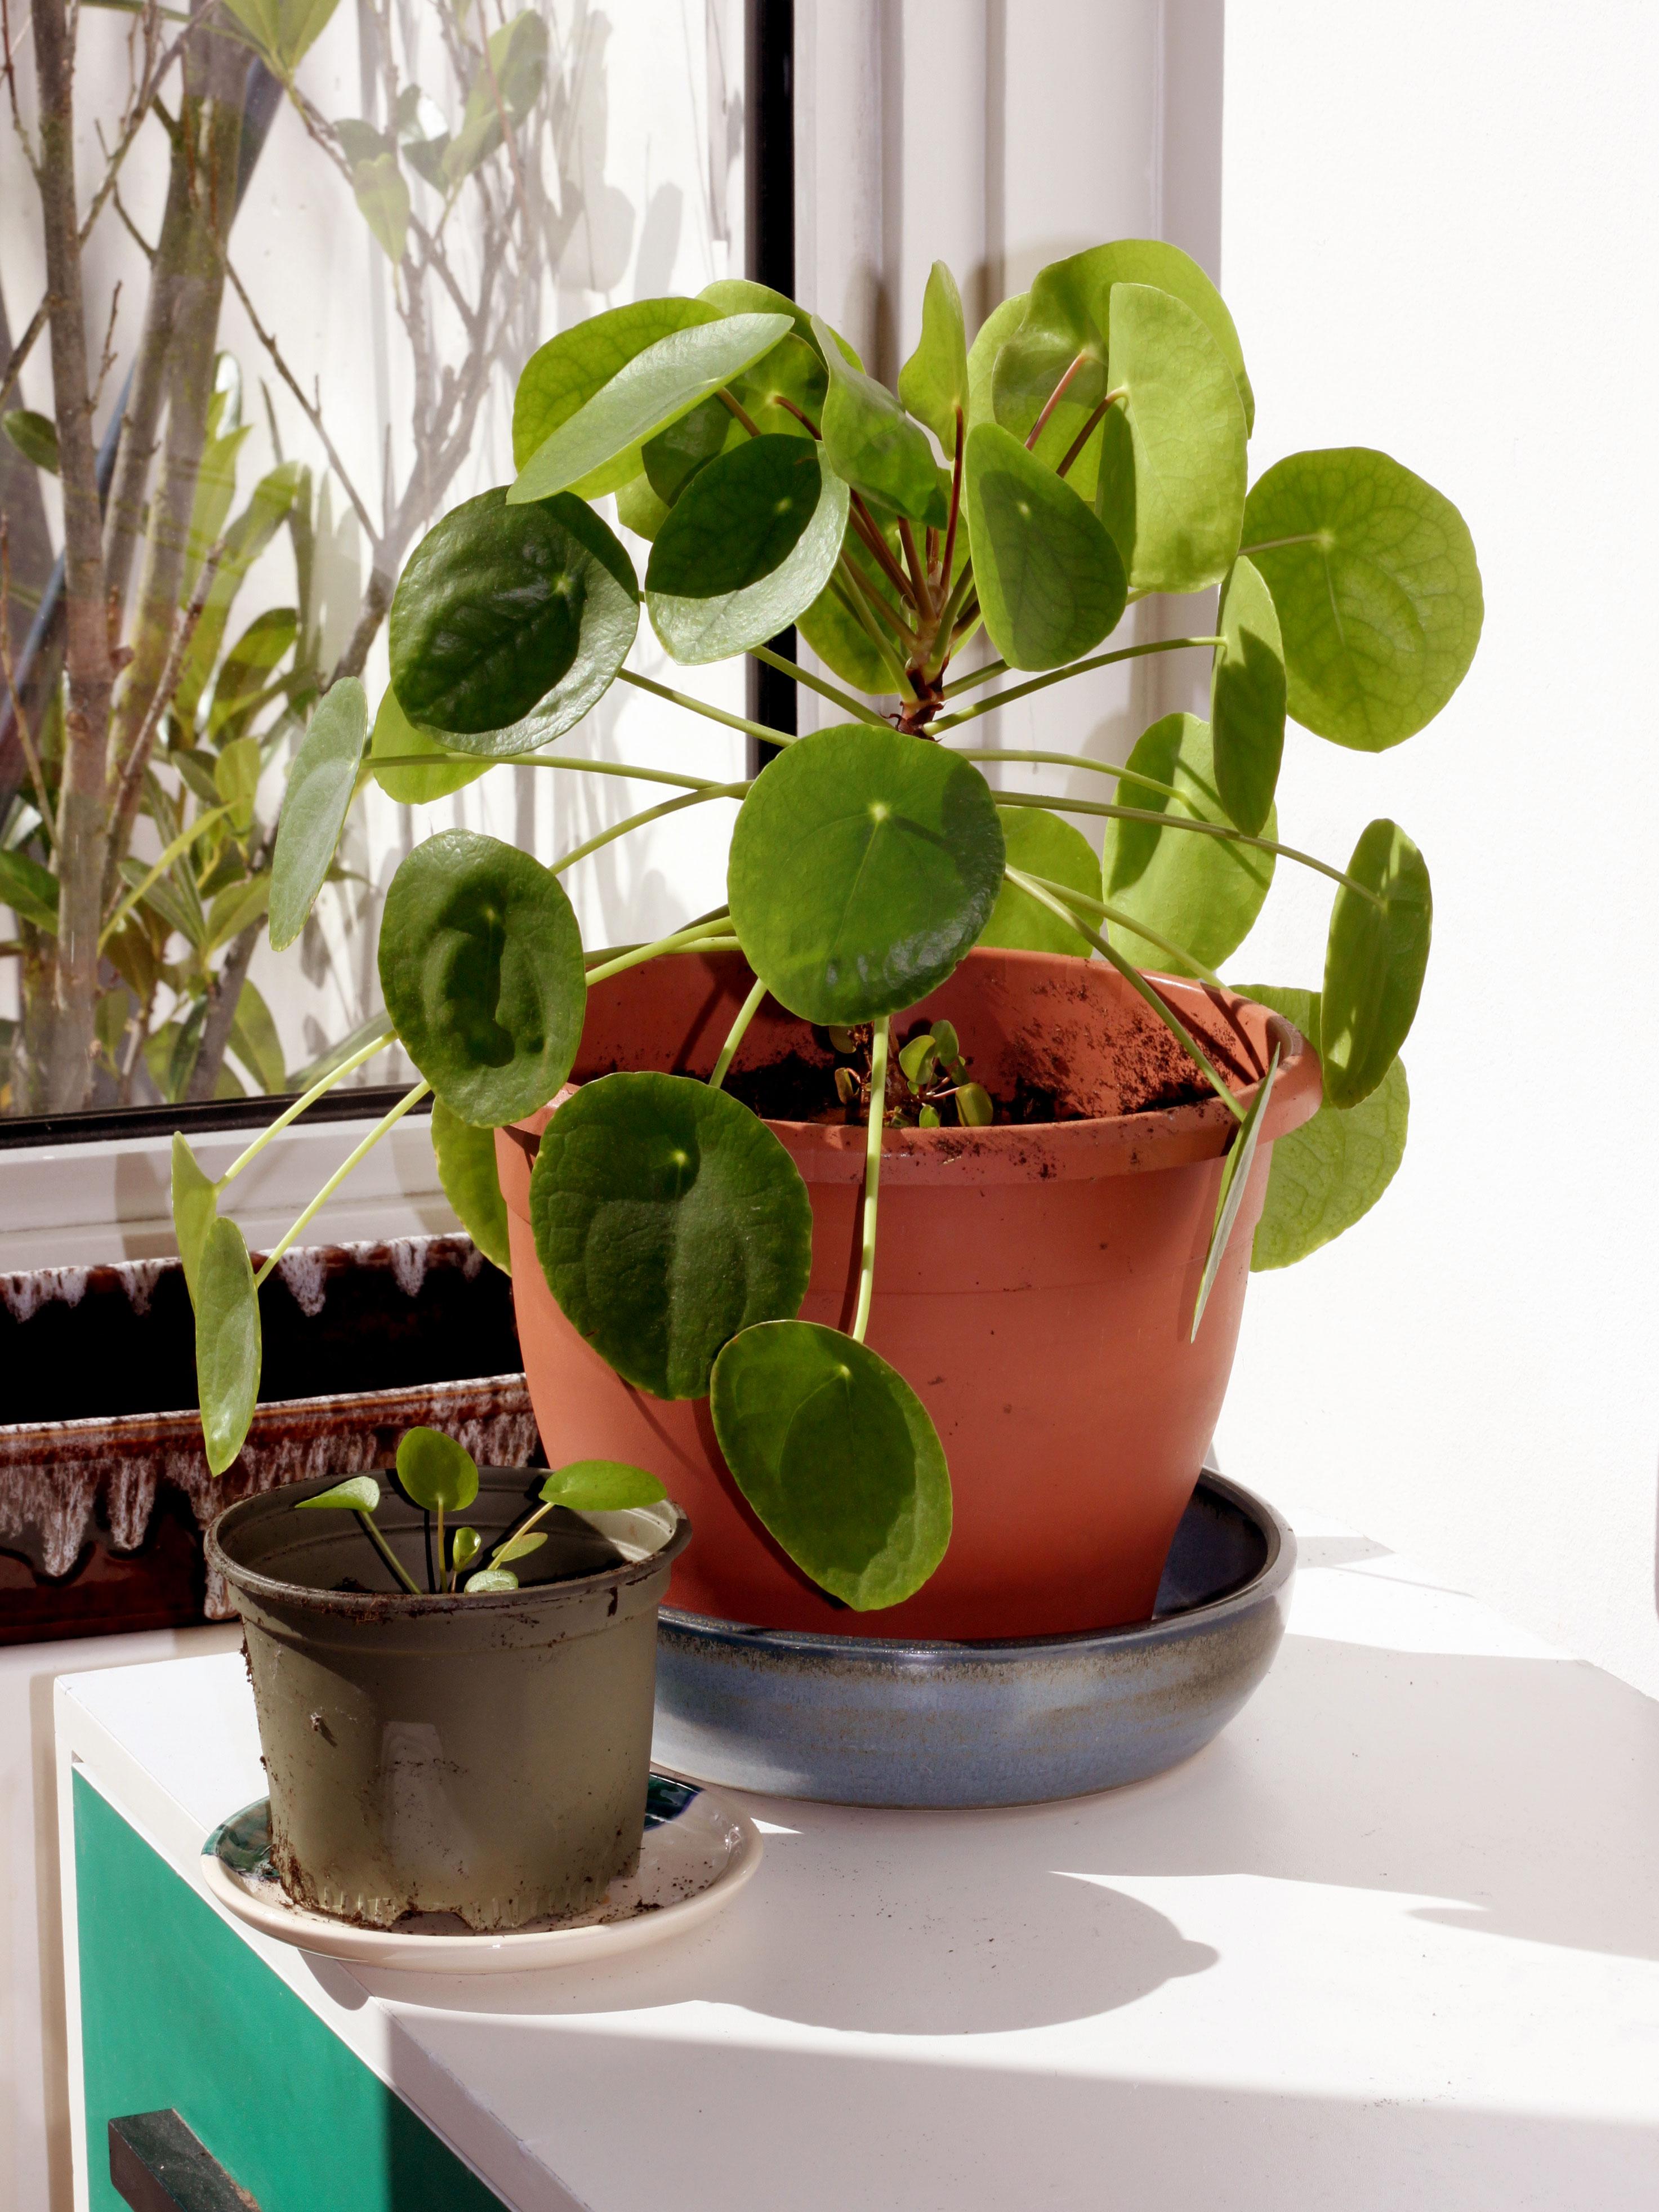 Rastliny vhodné pre mačky - oživte svoju domácnosť týmito 20 rastlinami, ktoré sú bezpečné pre mačky 15 - pre milovníkov mačiek